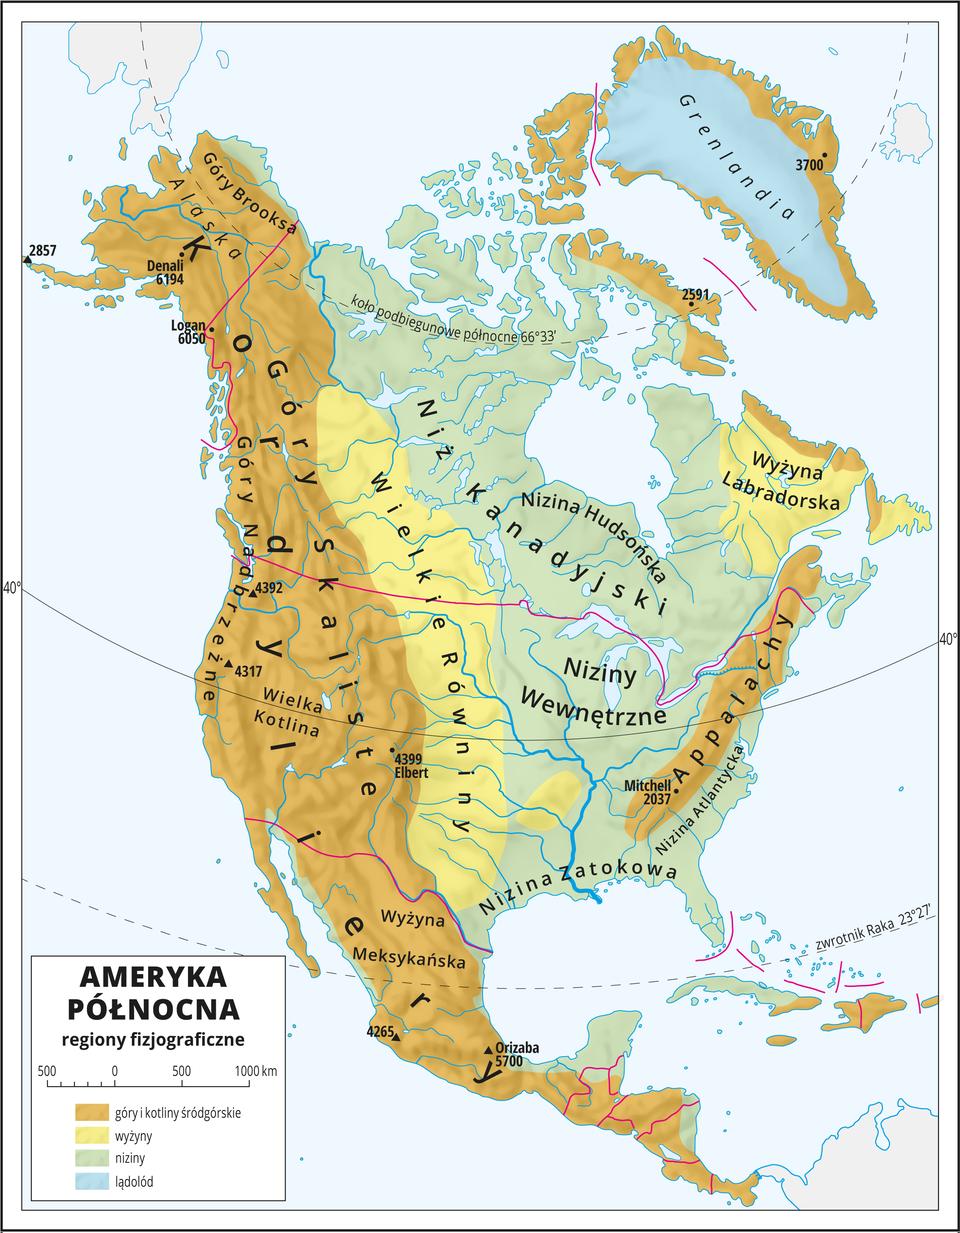 Ilustracja przedstawia mapę Ameryki Północnej. Kolorami wyróżniono regiony fizjograficzne. Na zachodnim wybrzeżu góry ikotliny śródgórskie oprzebiegu południkowym. Bezpośrednio do nich przylegają wyżyny, dalej wkierunku wschodnim rozległe niziny. Nad Oceanem Atlantyckim pasma górskie opołudnikowym przebiegu. Powyżej wyżyna. Morza zaznaczono kolorem niebieskim. Na mapie opisano nazwy krain geograficznych. Oznaczono czarnymi kropkami iopisano szczyty górskie. Trójkątami oznaczono wulkany ipodano ich wysokości. Mapa pokryta jest równoleżnikami. Dookoła mapy wbiałej ramce opisano współrzędne geograficzne. Wlegendzie opisano kolory użyte na mapie.